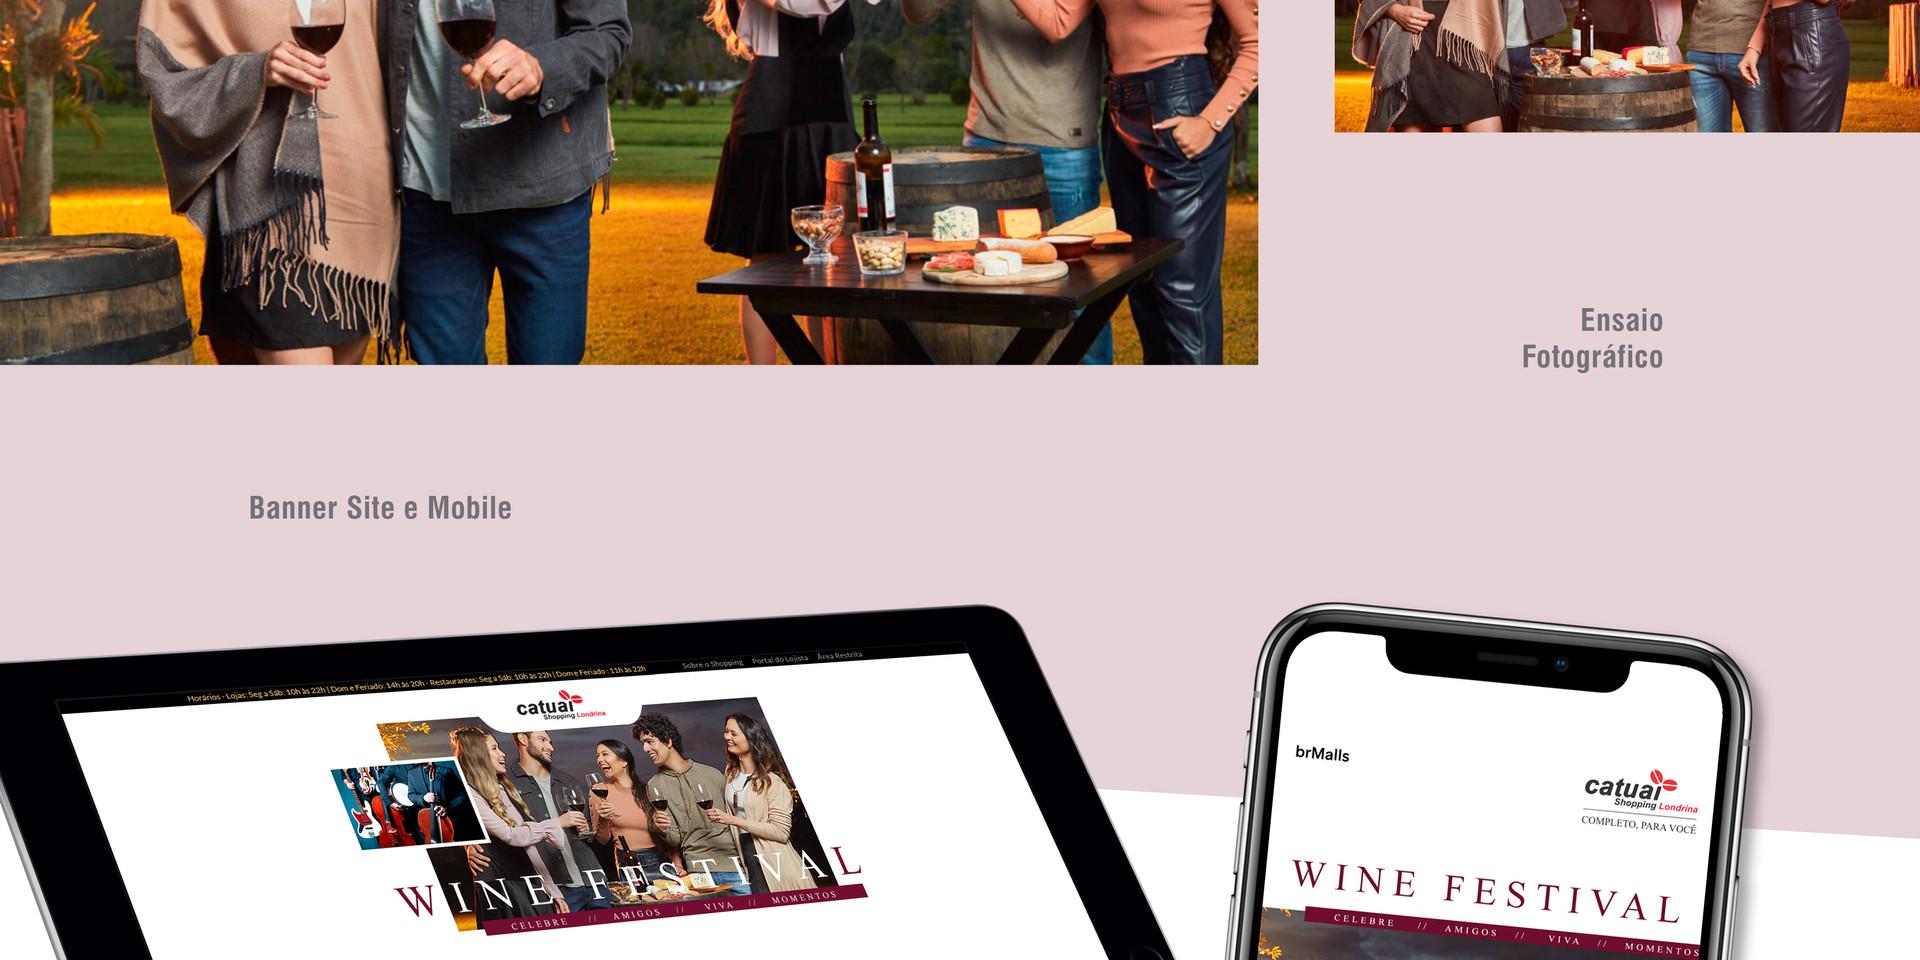 grid_portifolio_wine3.jpg